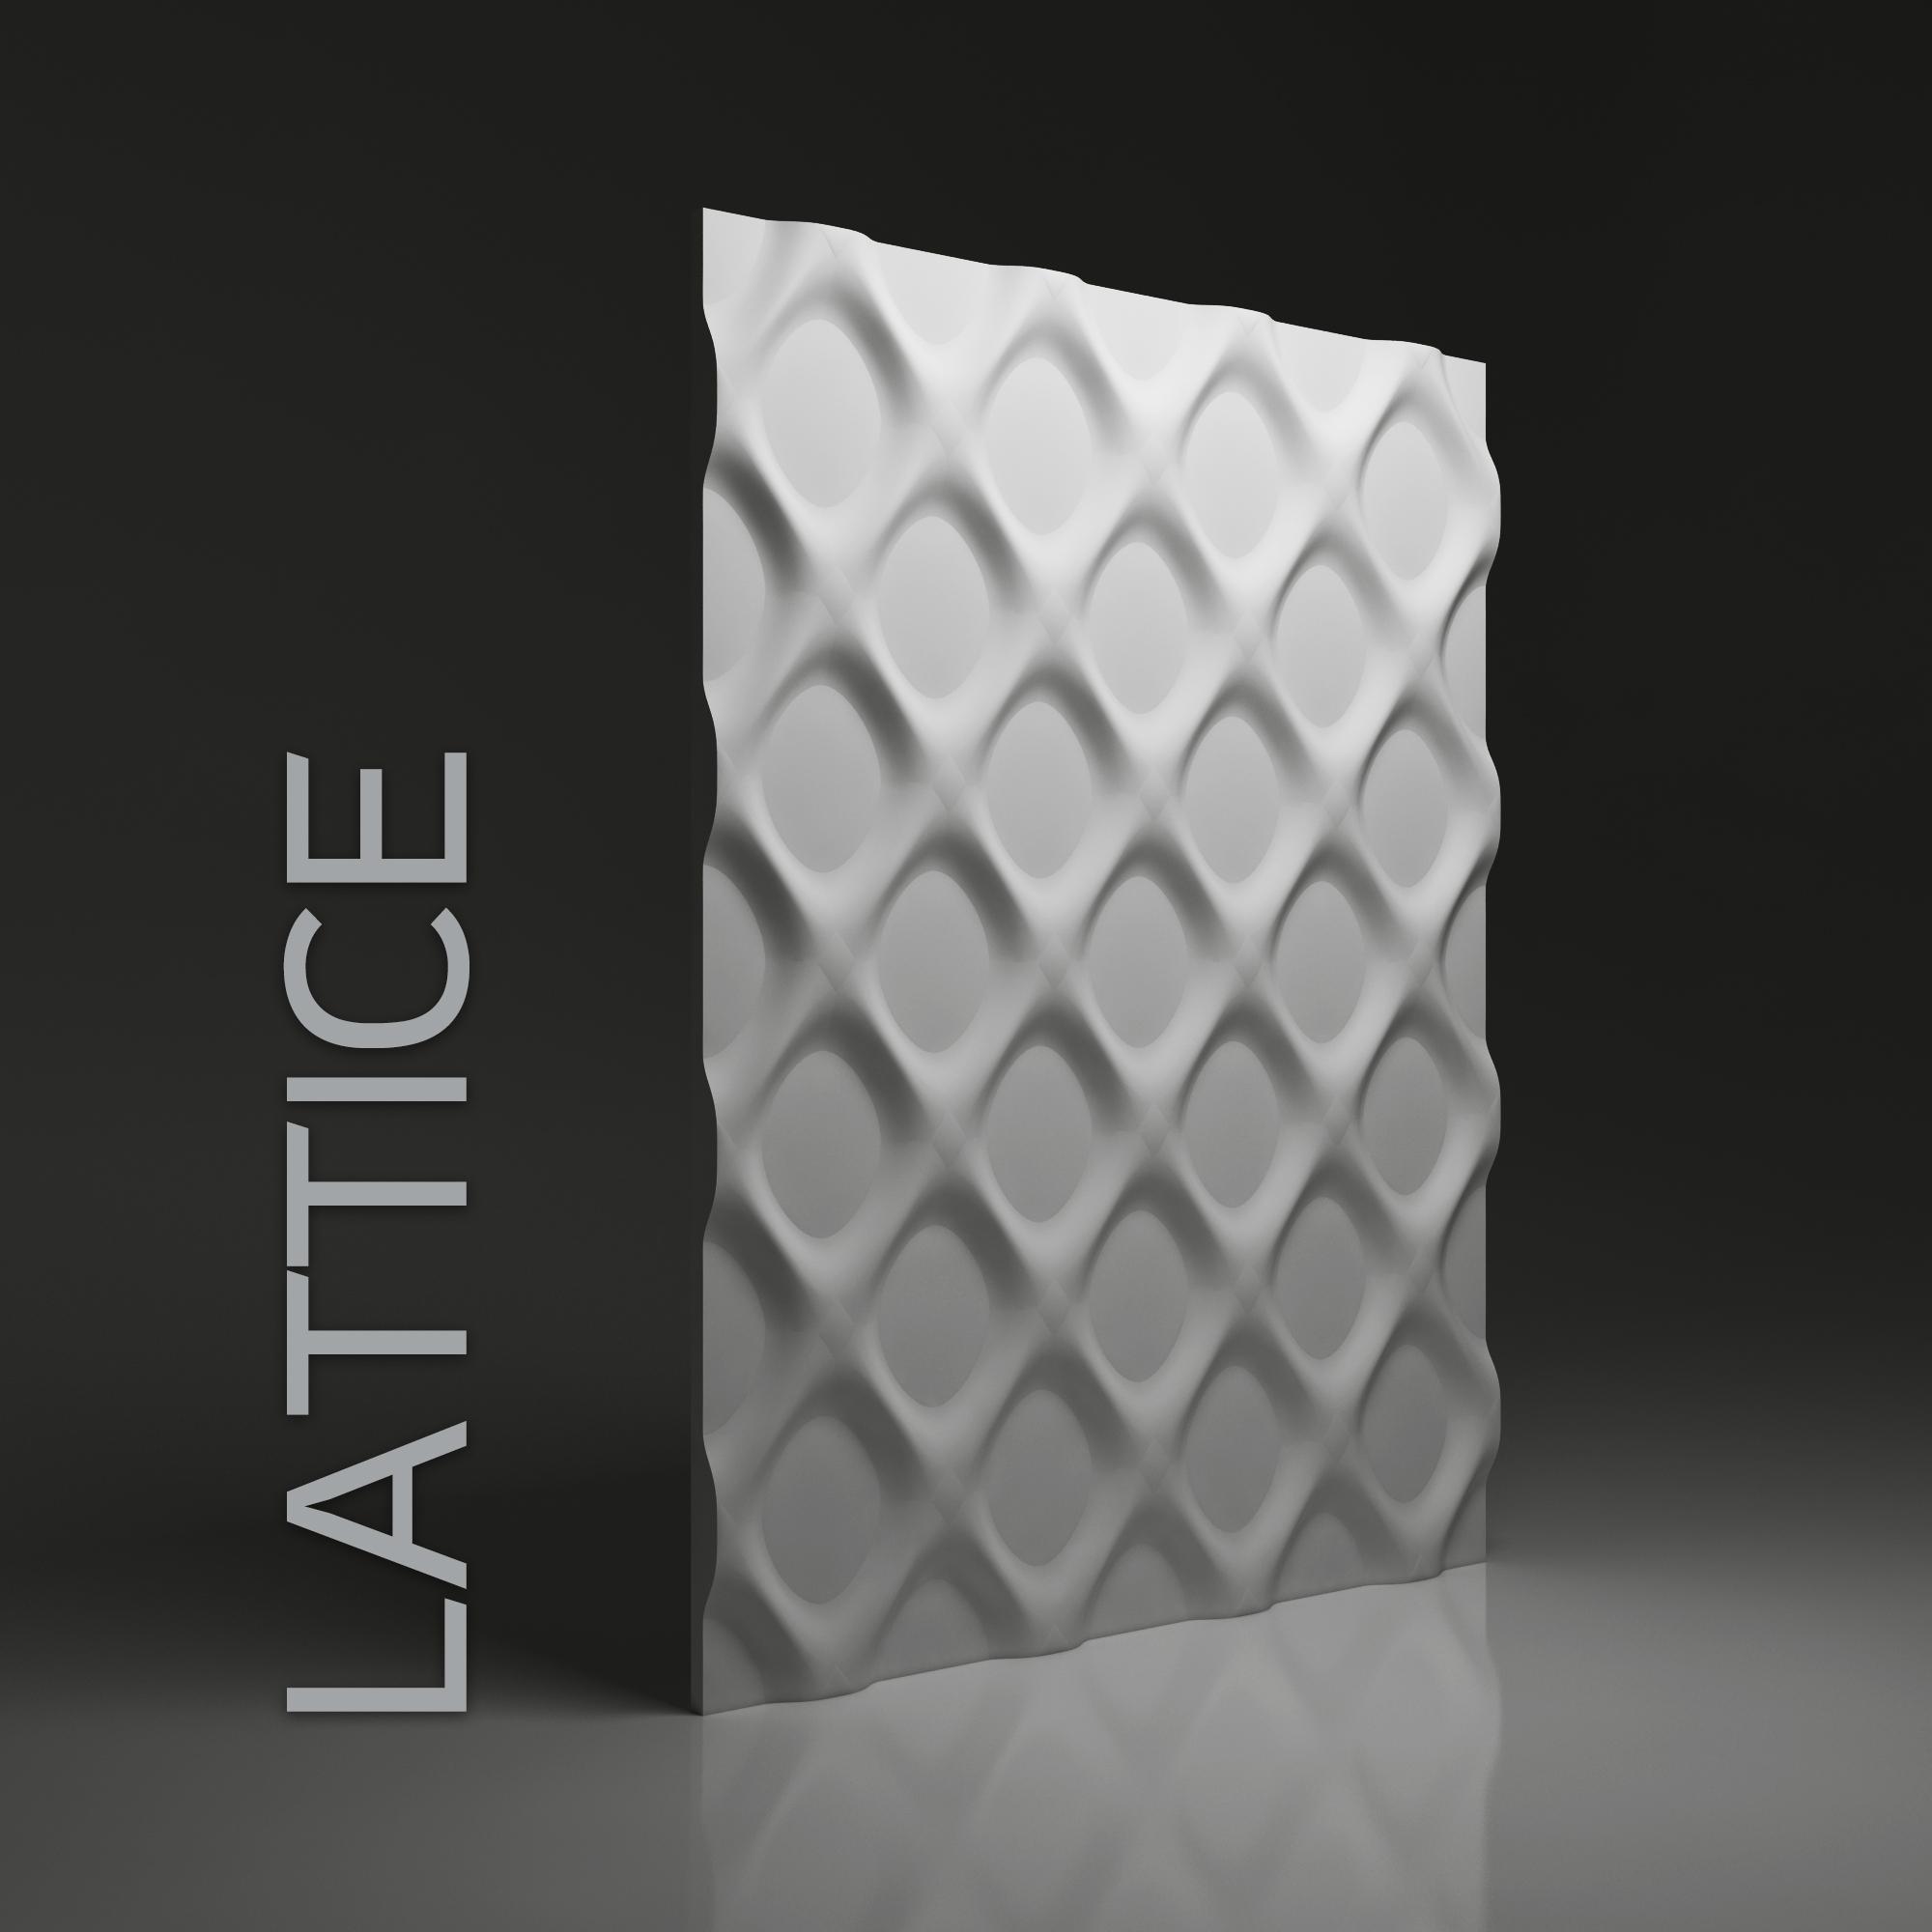 lattice-a.